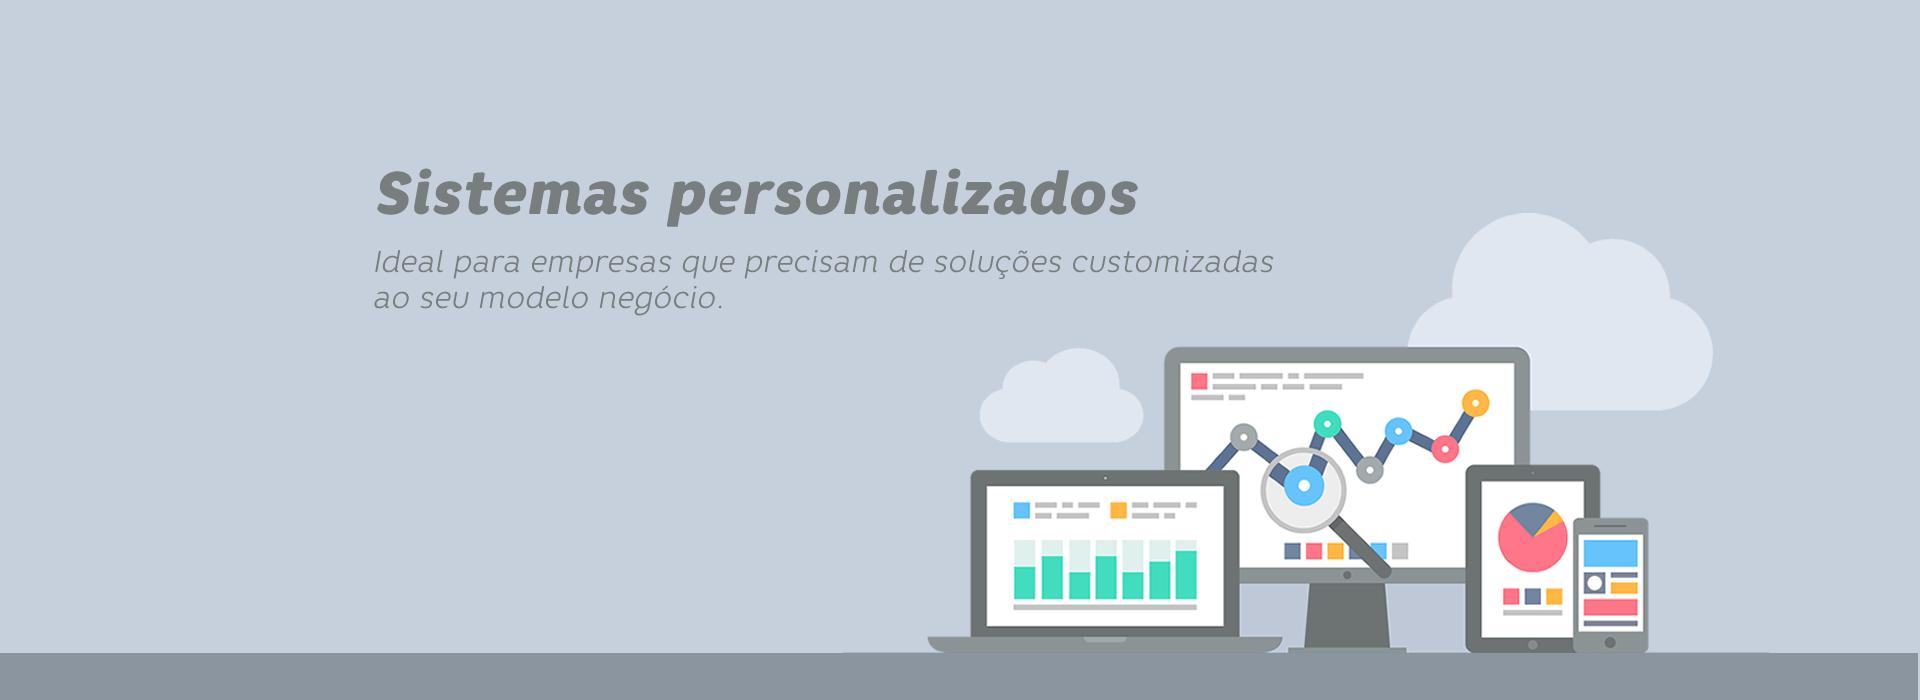 Sistemas personalizados - Sizy.com.br